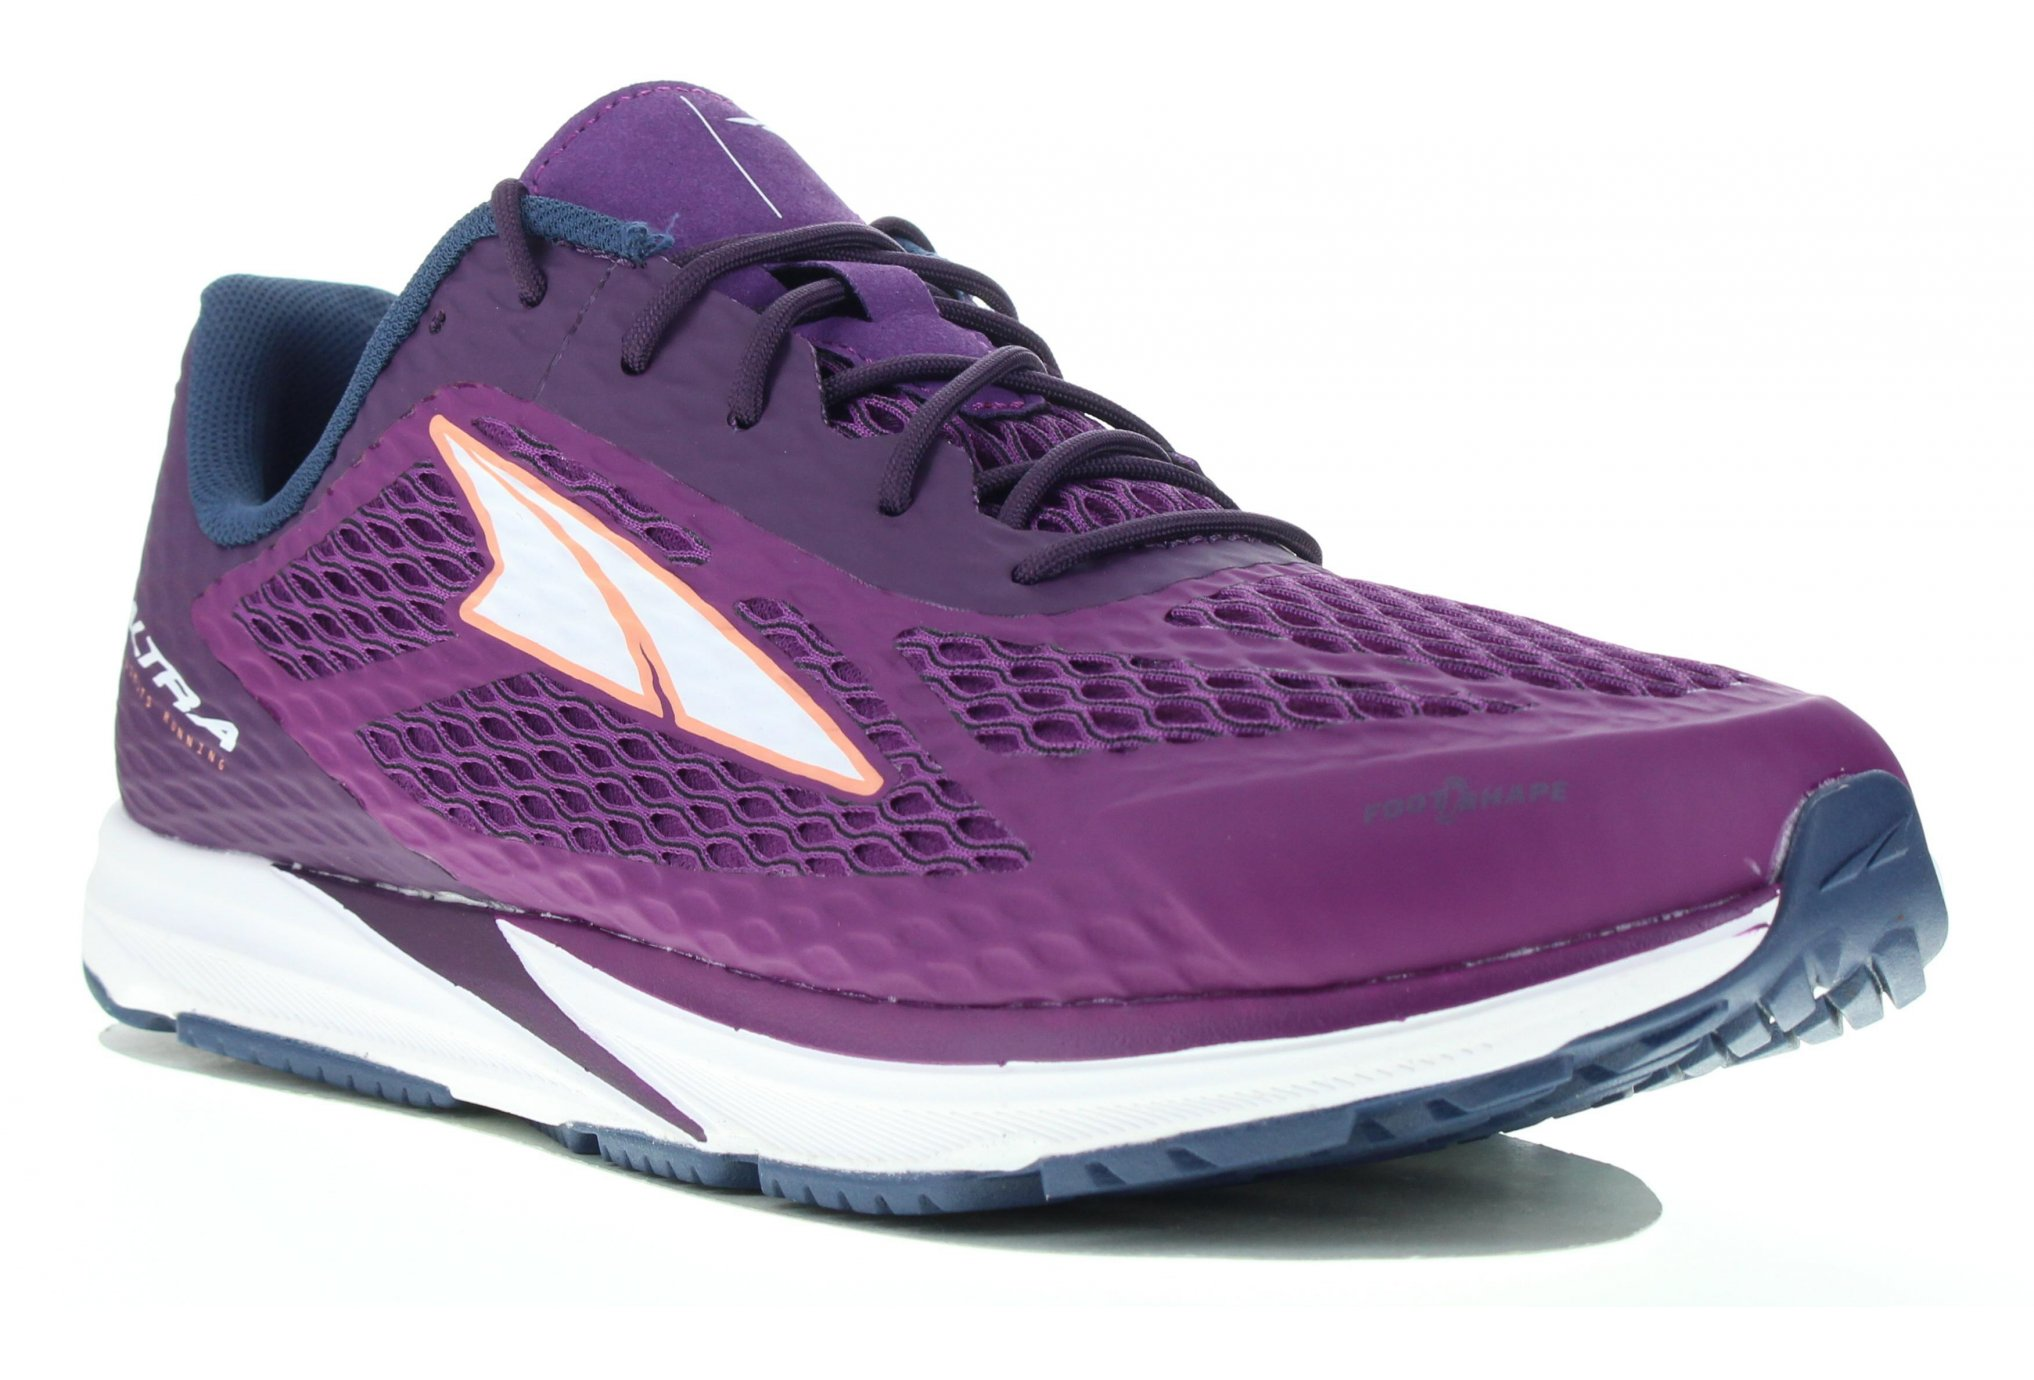 Altra Viho Chaussures running femme